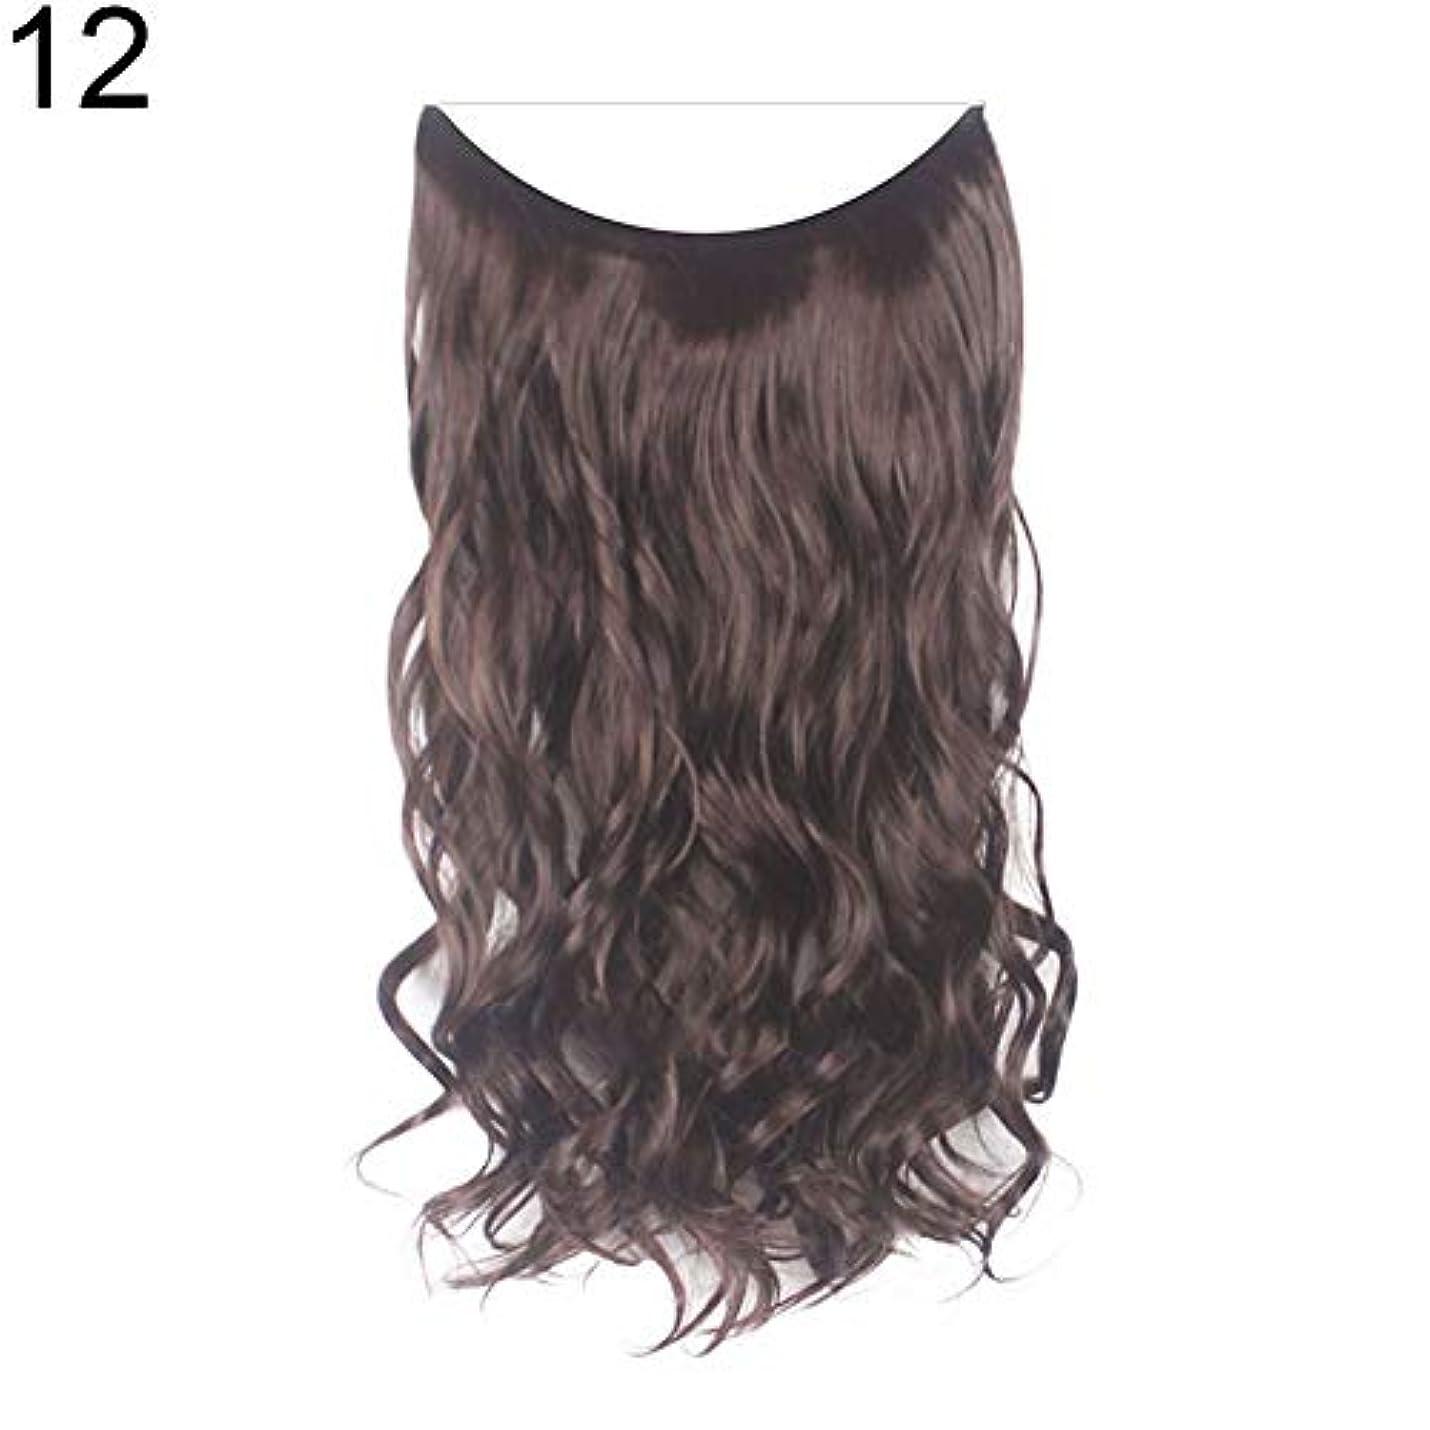 簿記係ディーラー提案するslQinjiansav女性ウィッグ収納コンテナ22インチ女性ロングストレート/カーリーワイヤーヘッドバンドウィッグ目に見えない髪の延長